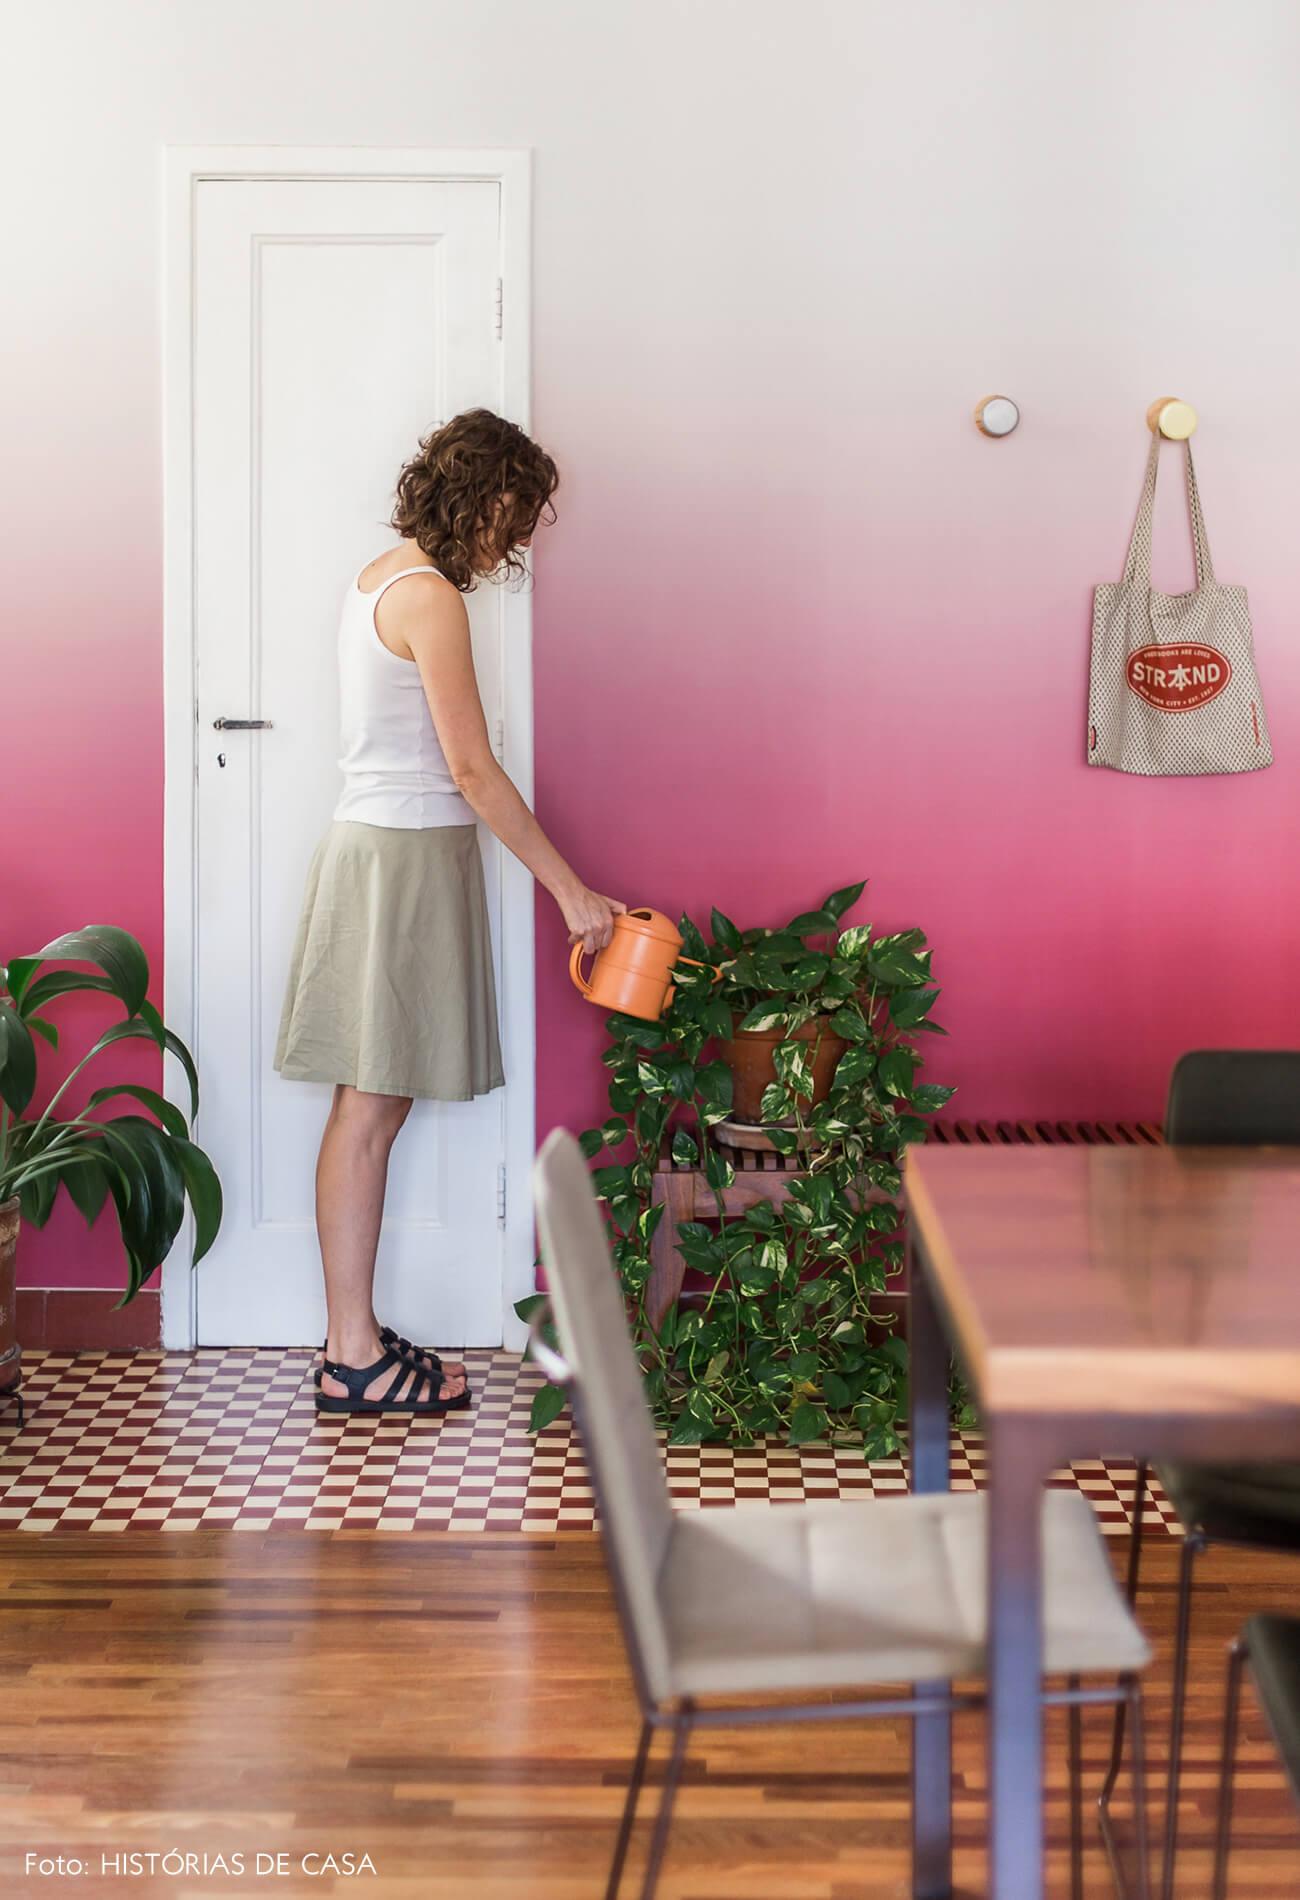 Sala de jantar com piso de ladrilhos hidráulicos vermelhos e papel de parede